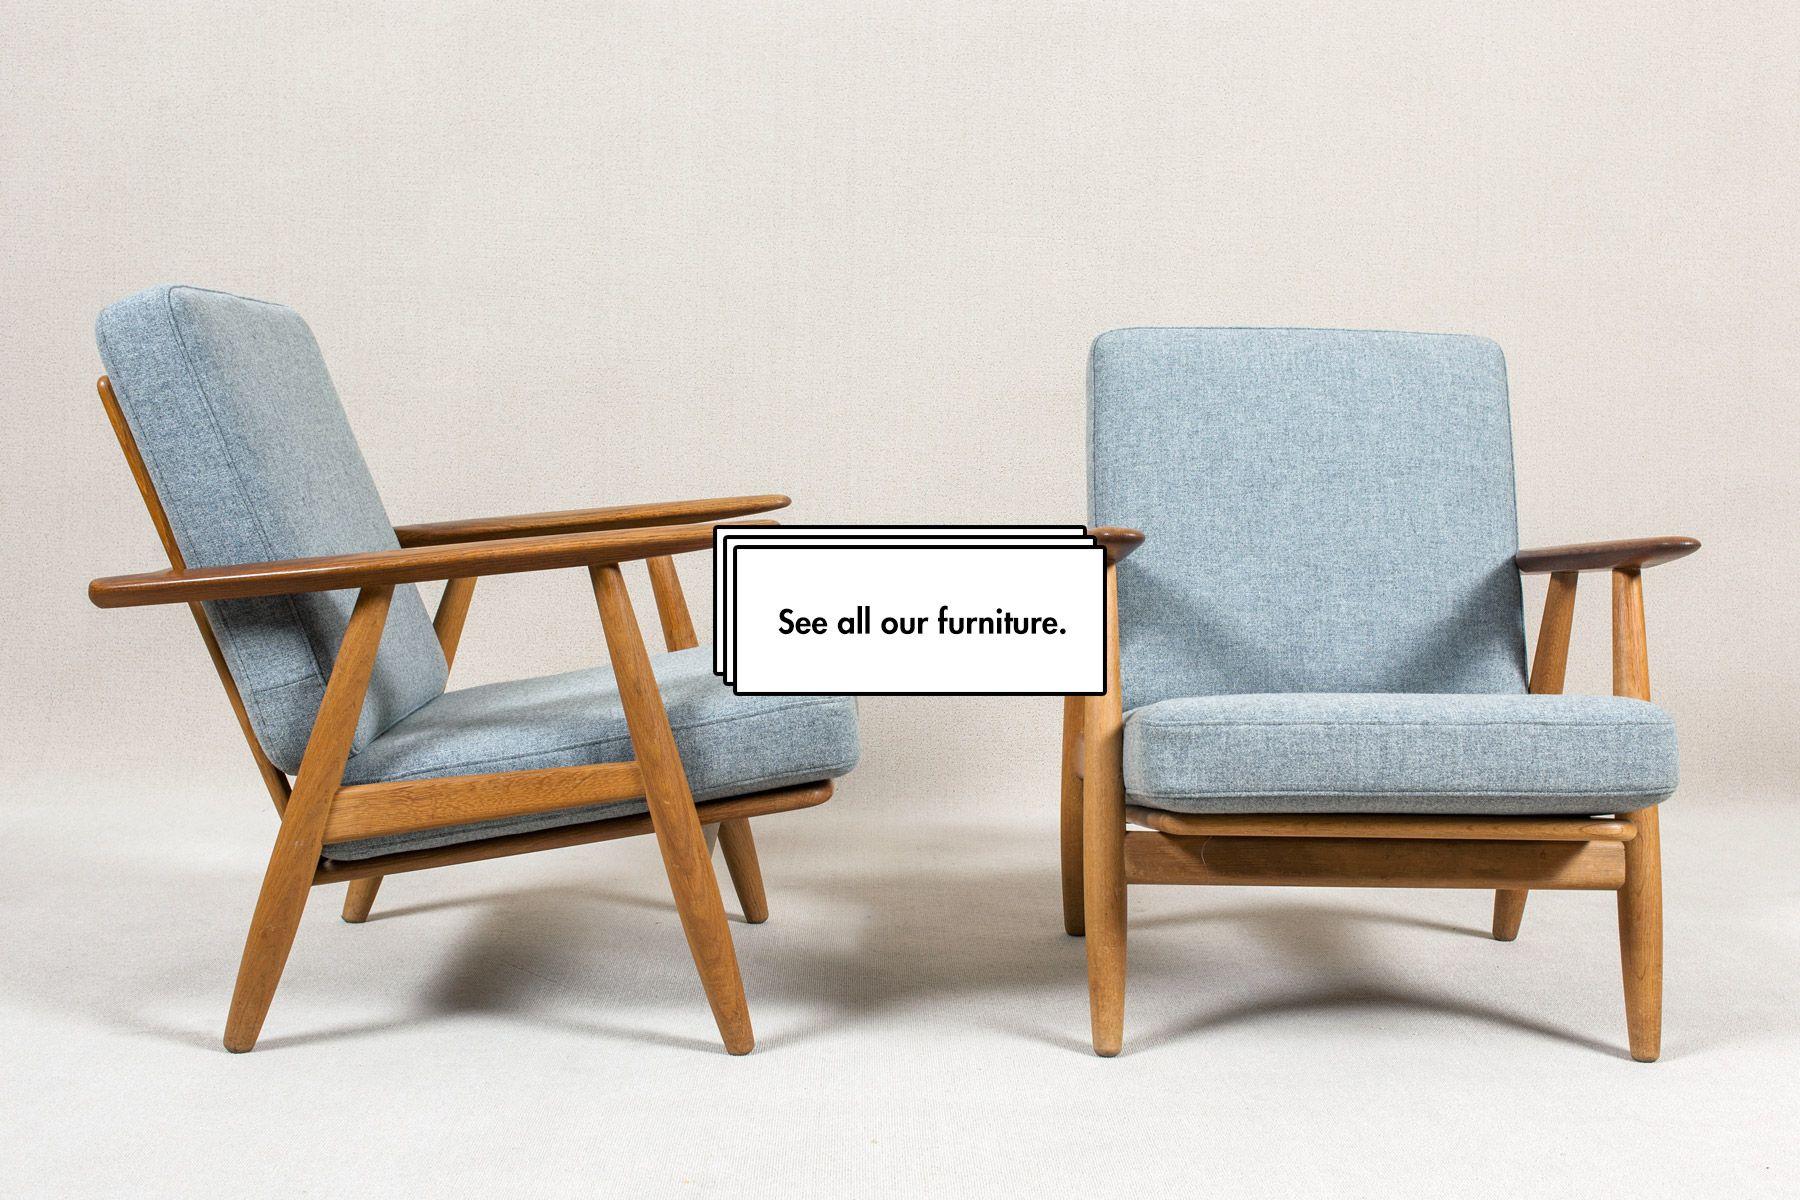 skandinavisches design möbel aufstellungsort pic der eaefcacabfbfacfcfad jpg